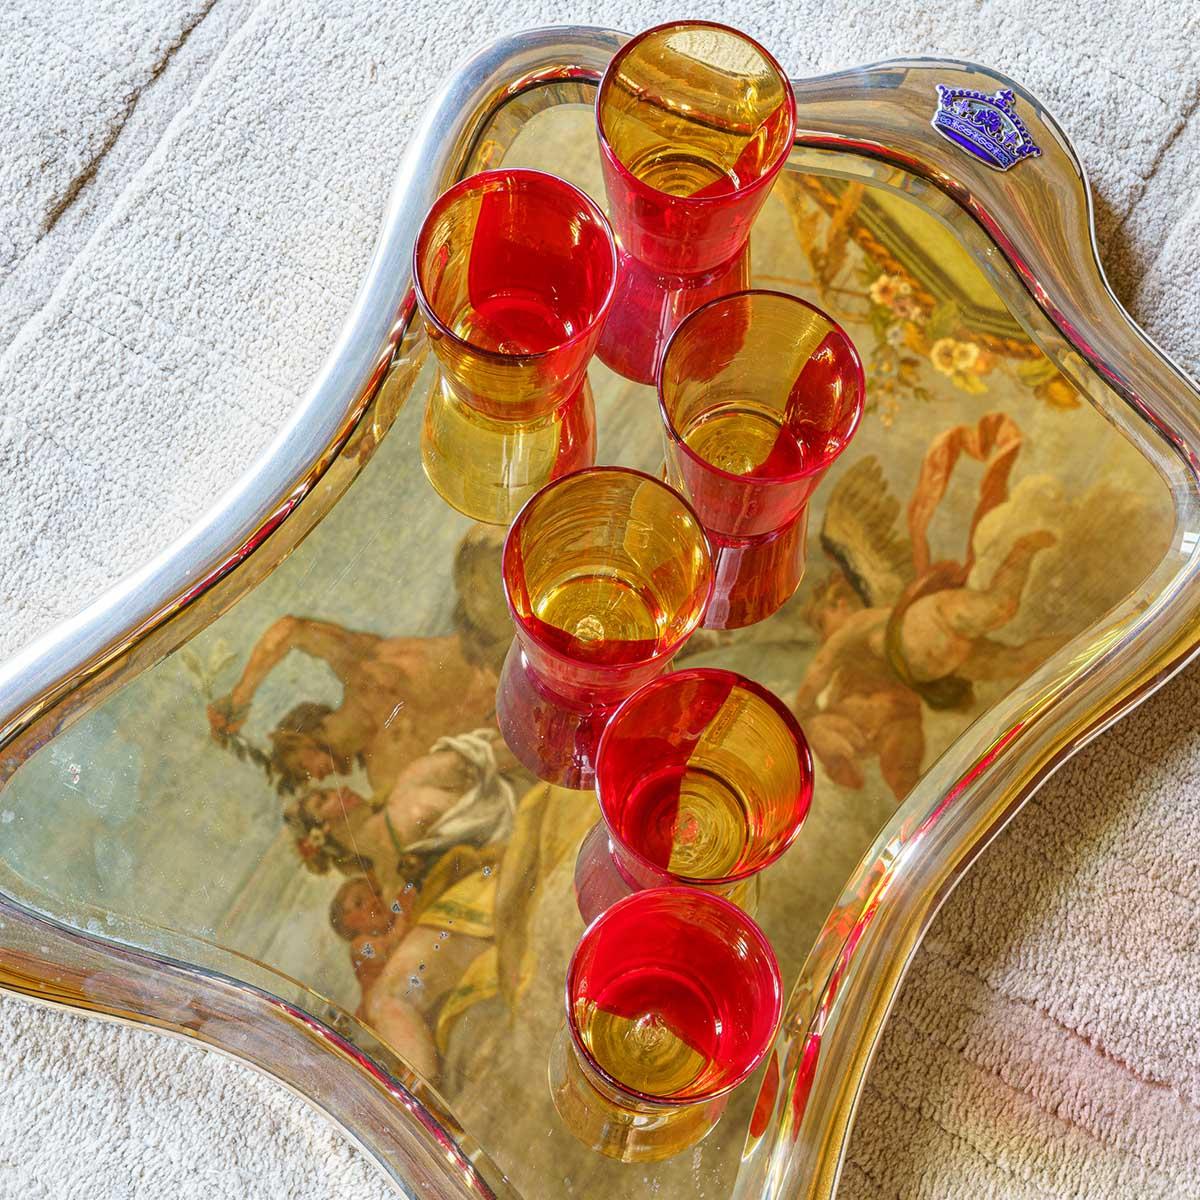 rothko_glass_murano_amber_red_twin_angels_art_giberto_design_luxury_ambient